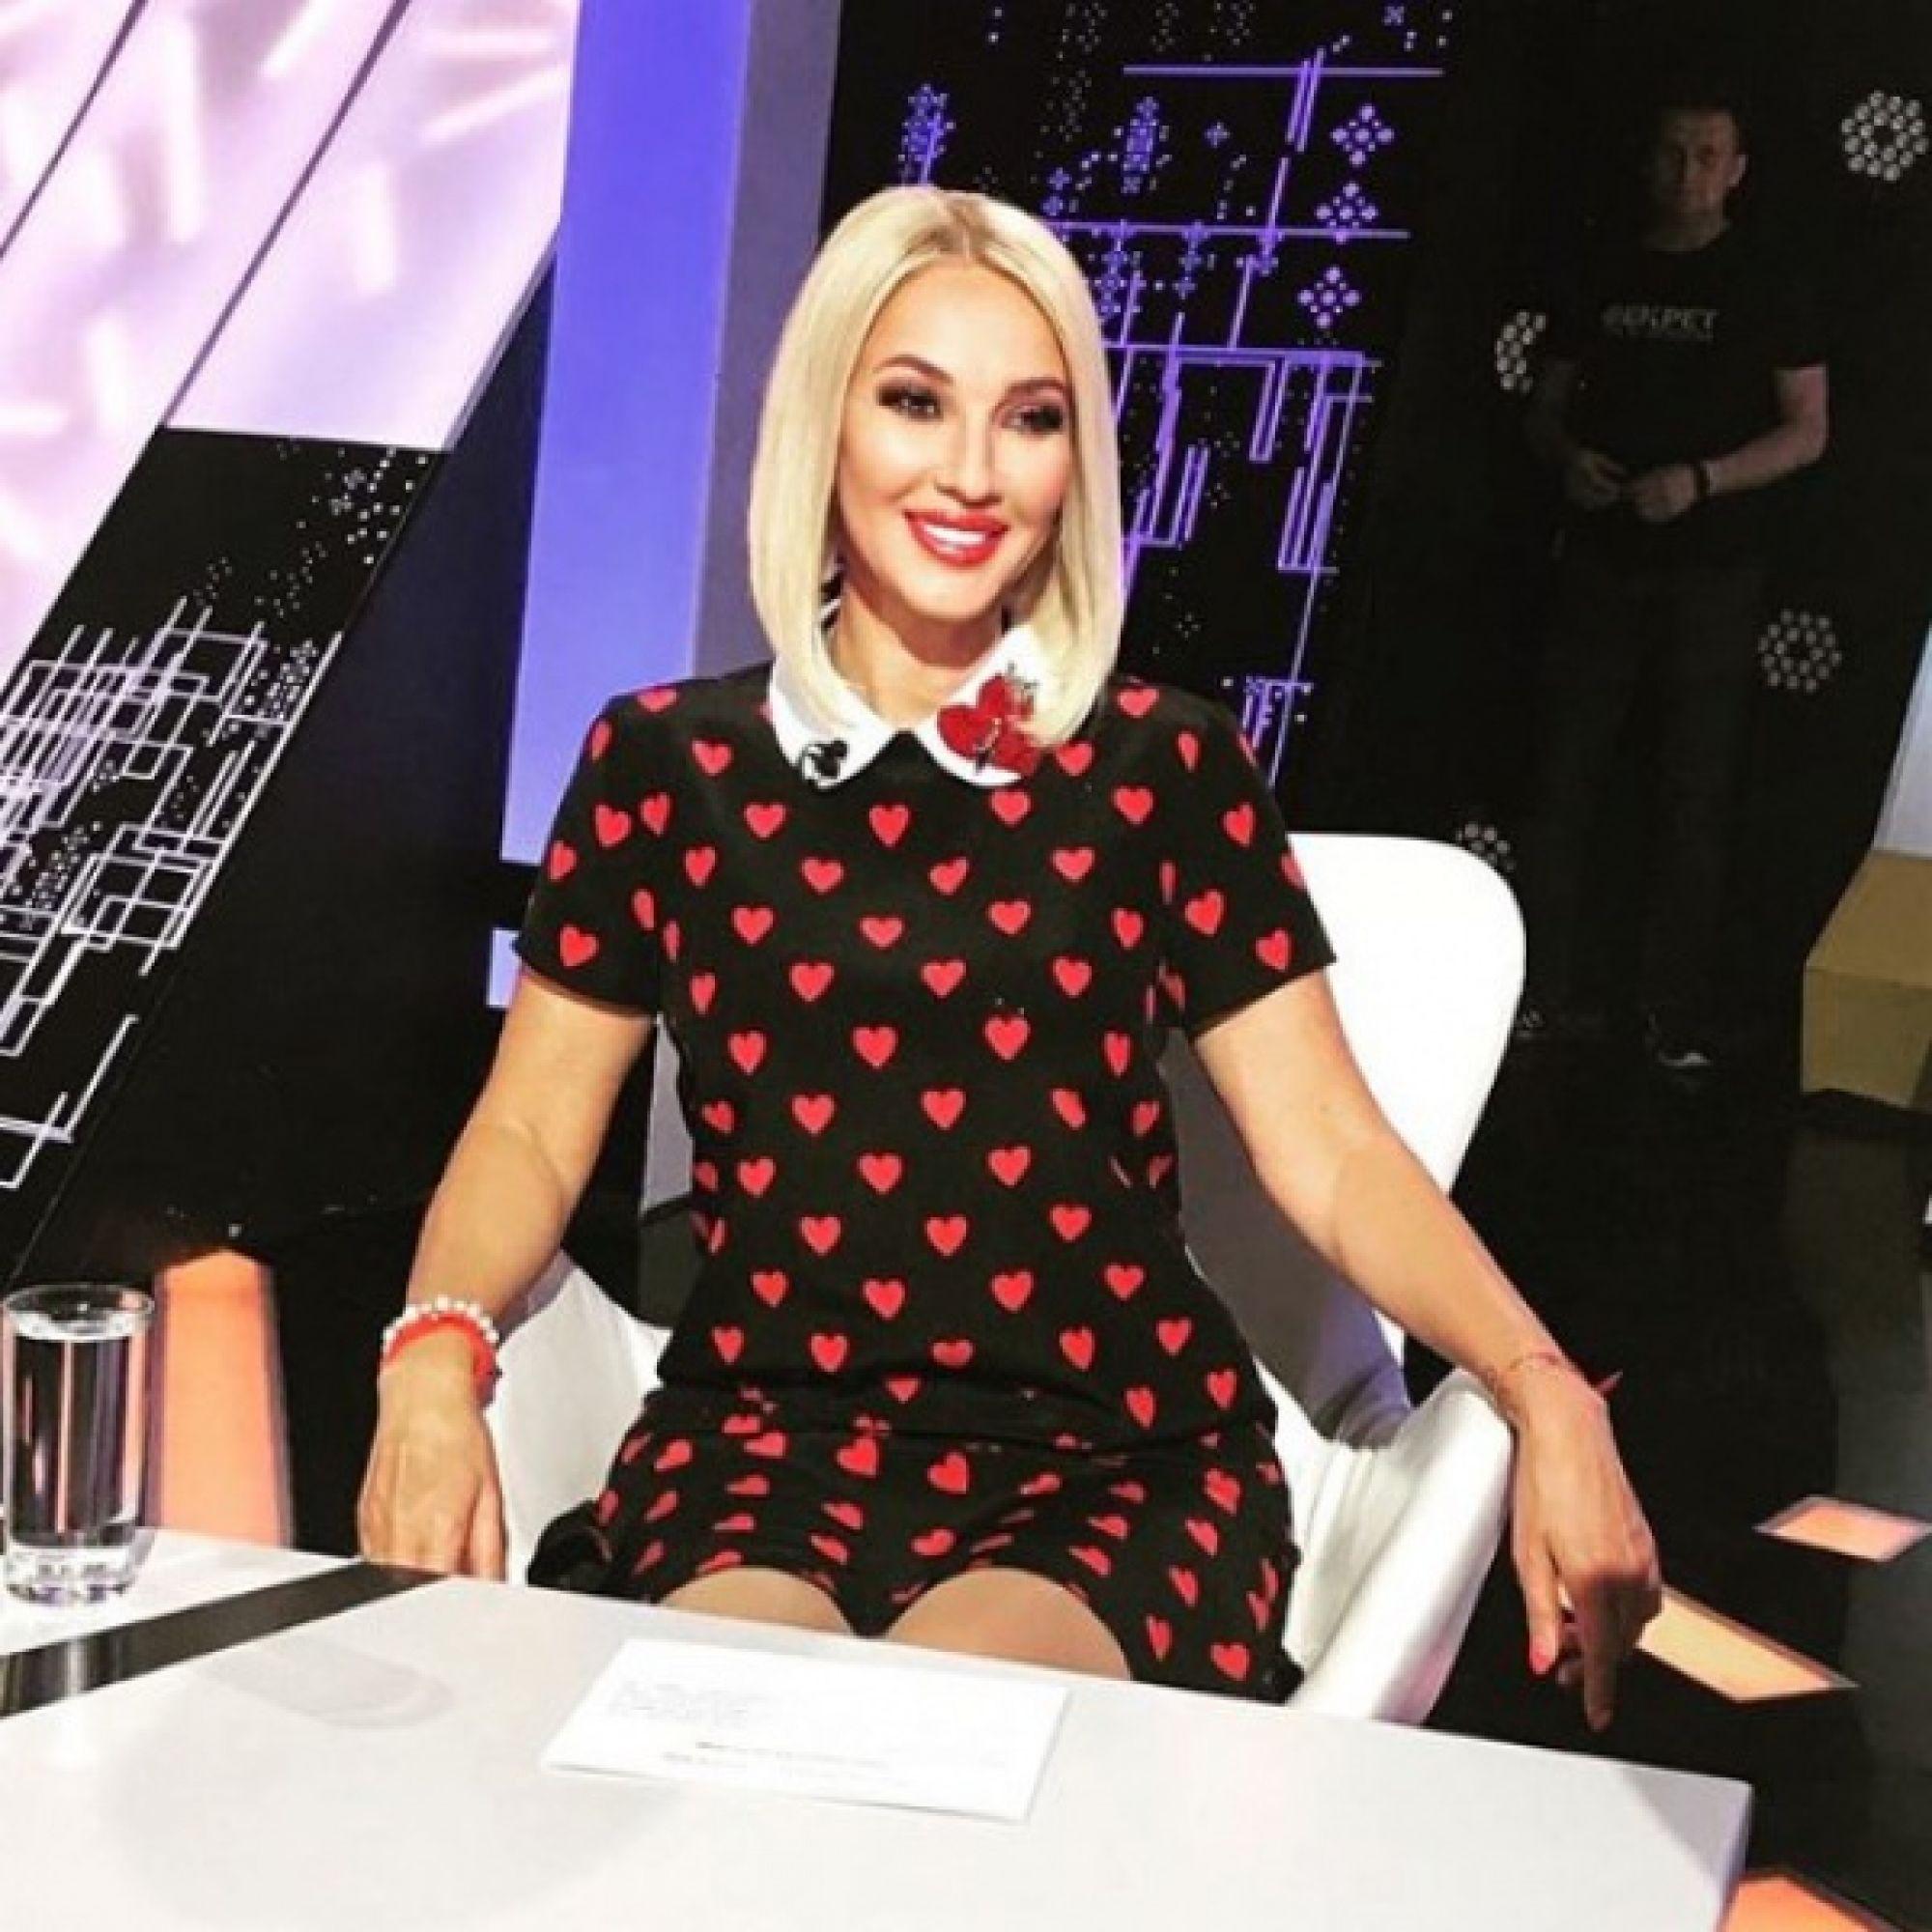 Лера Кудрявцева прошла тест на коронавирус после информации о заражении Льва Лещенко